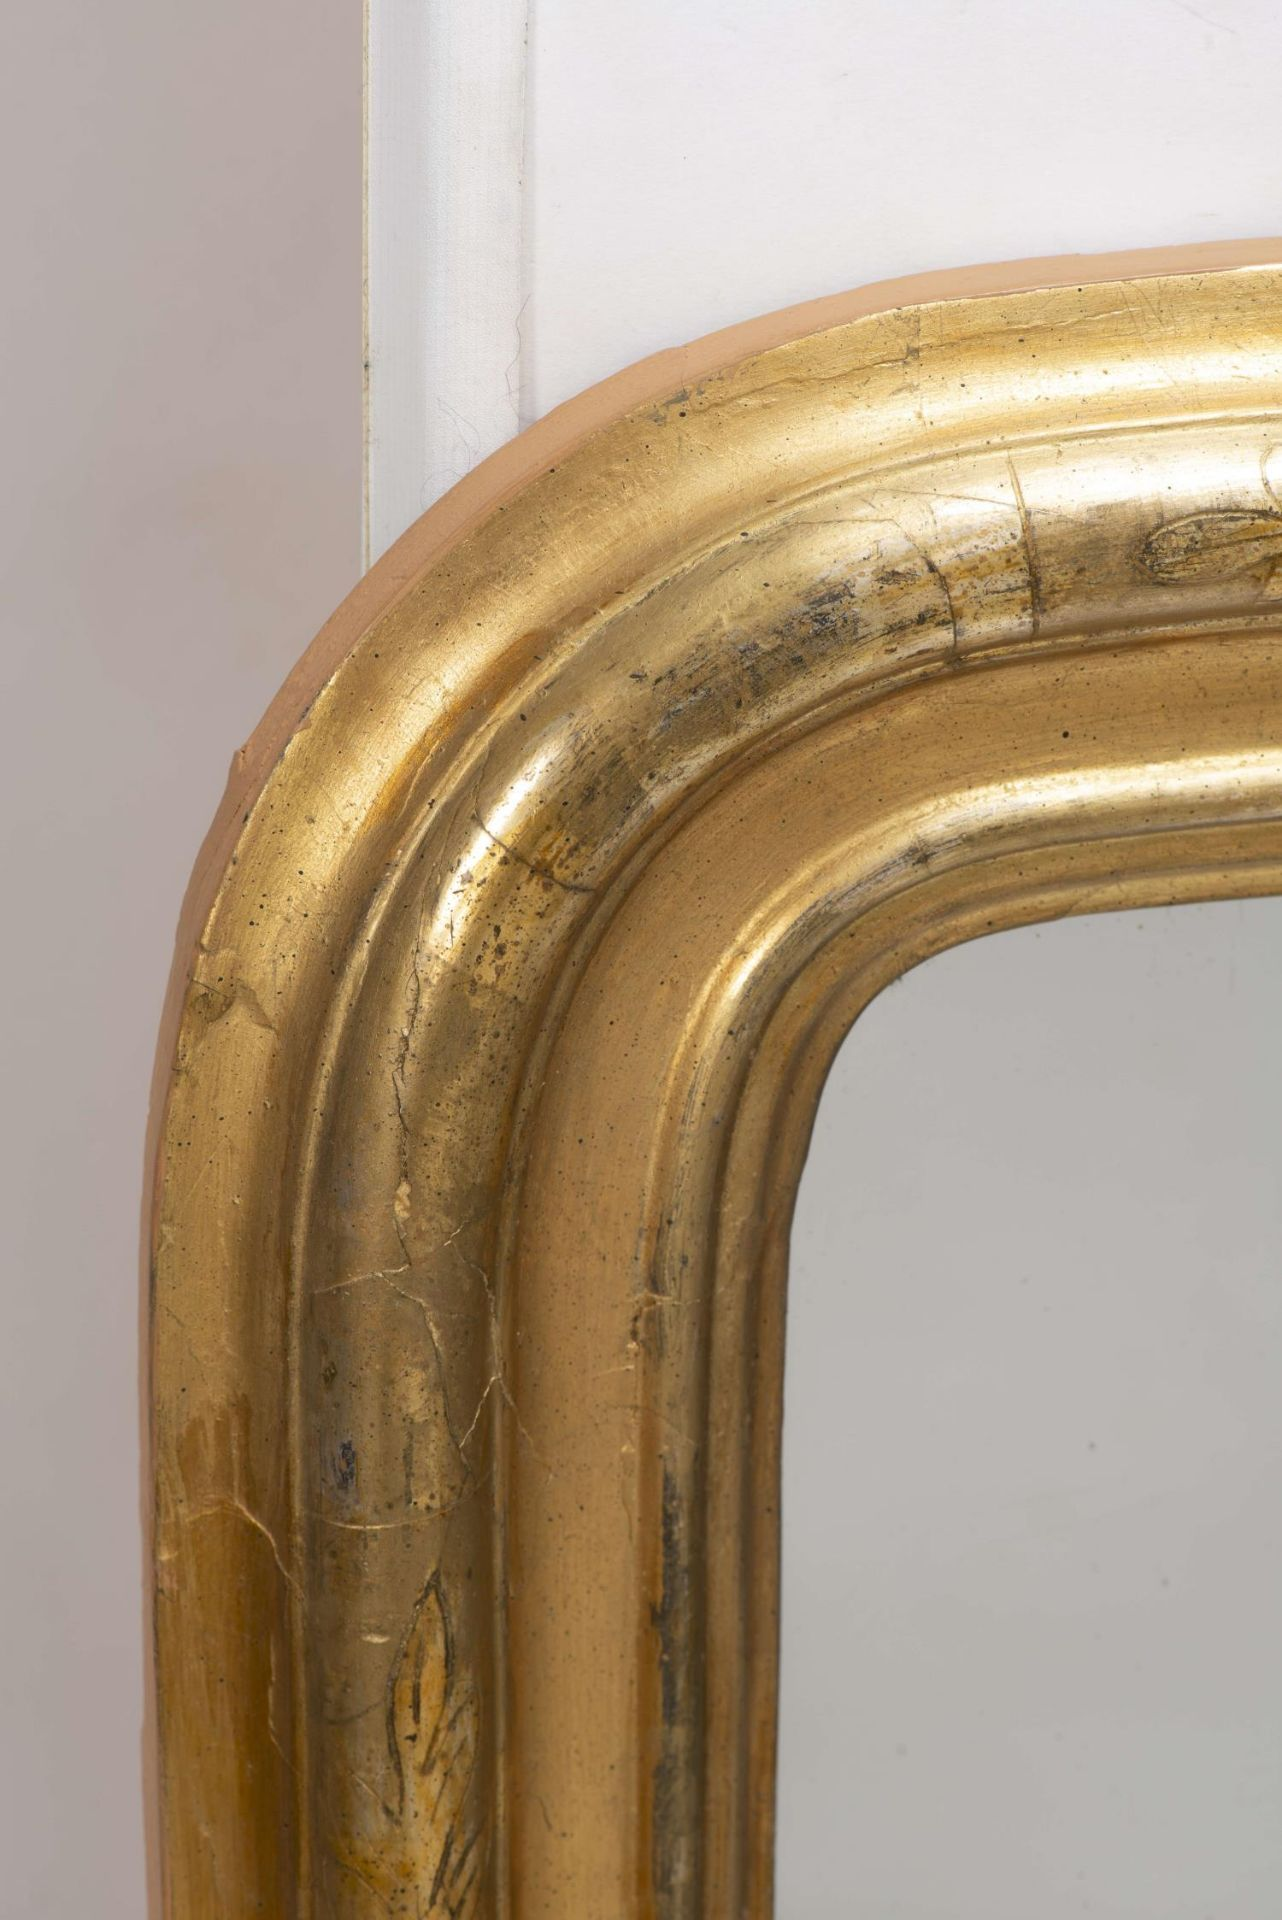 Miroir vertical à cadre en stuc doré d'époque Louis-Philippe - Bild 2 aus 4